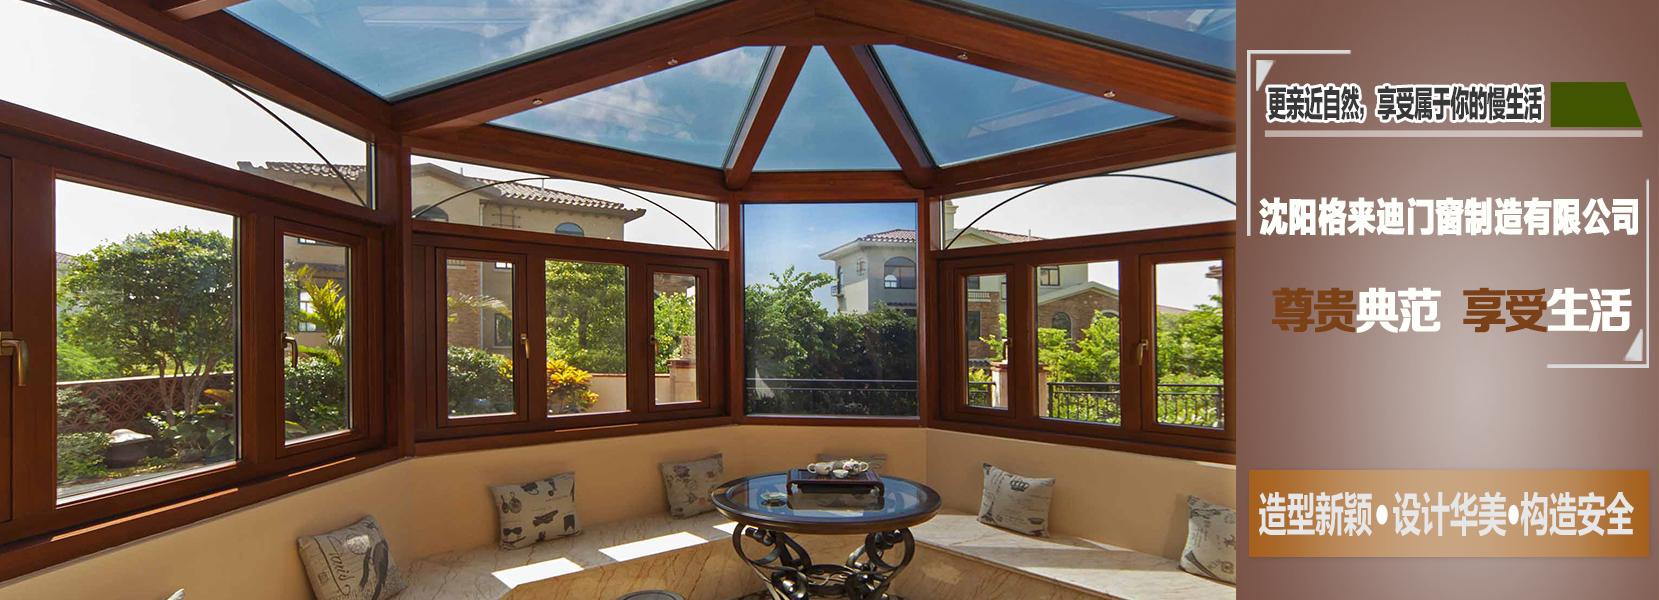 陽光房天窗,陽光房天窗設計